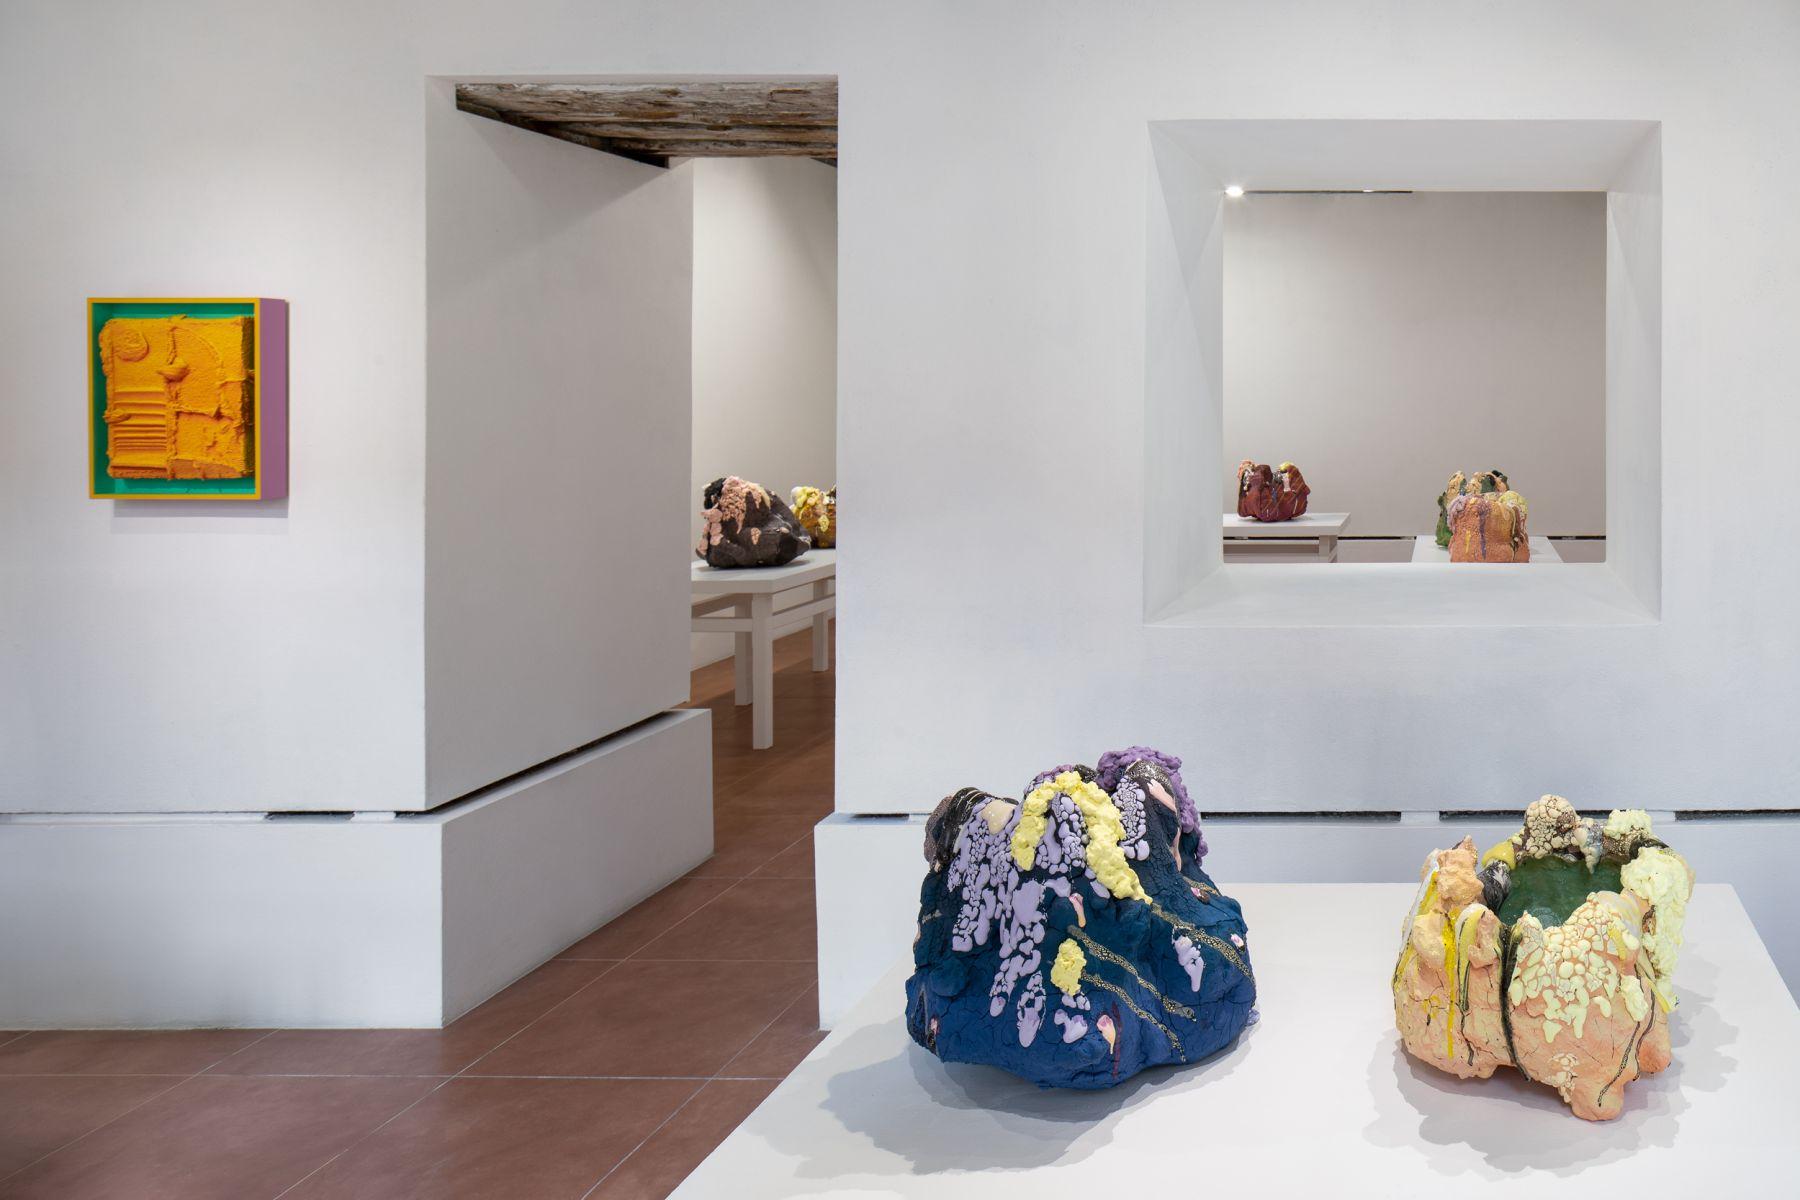 Gallery installation view, 2019, Caterina Tognon arte contemporanea, Venice, Italy